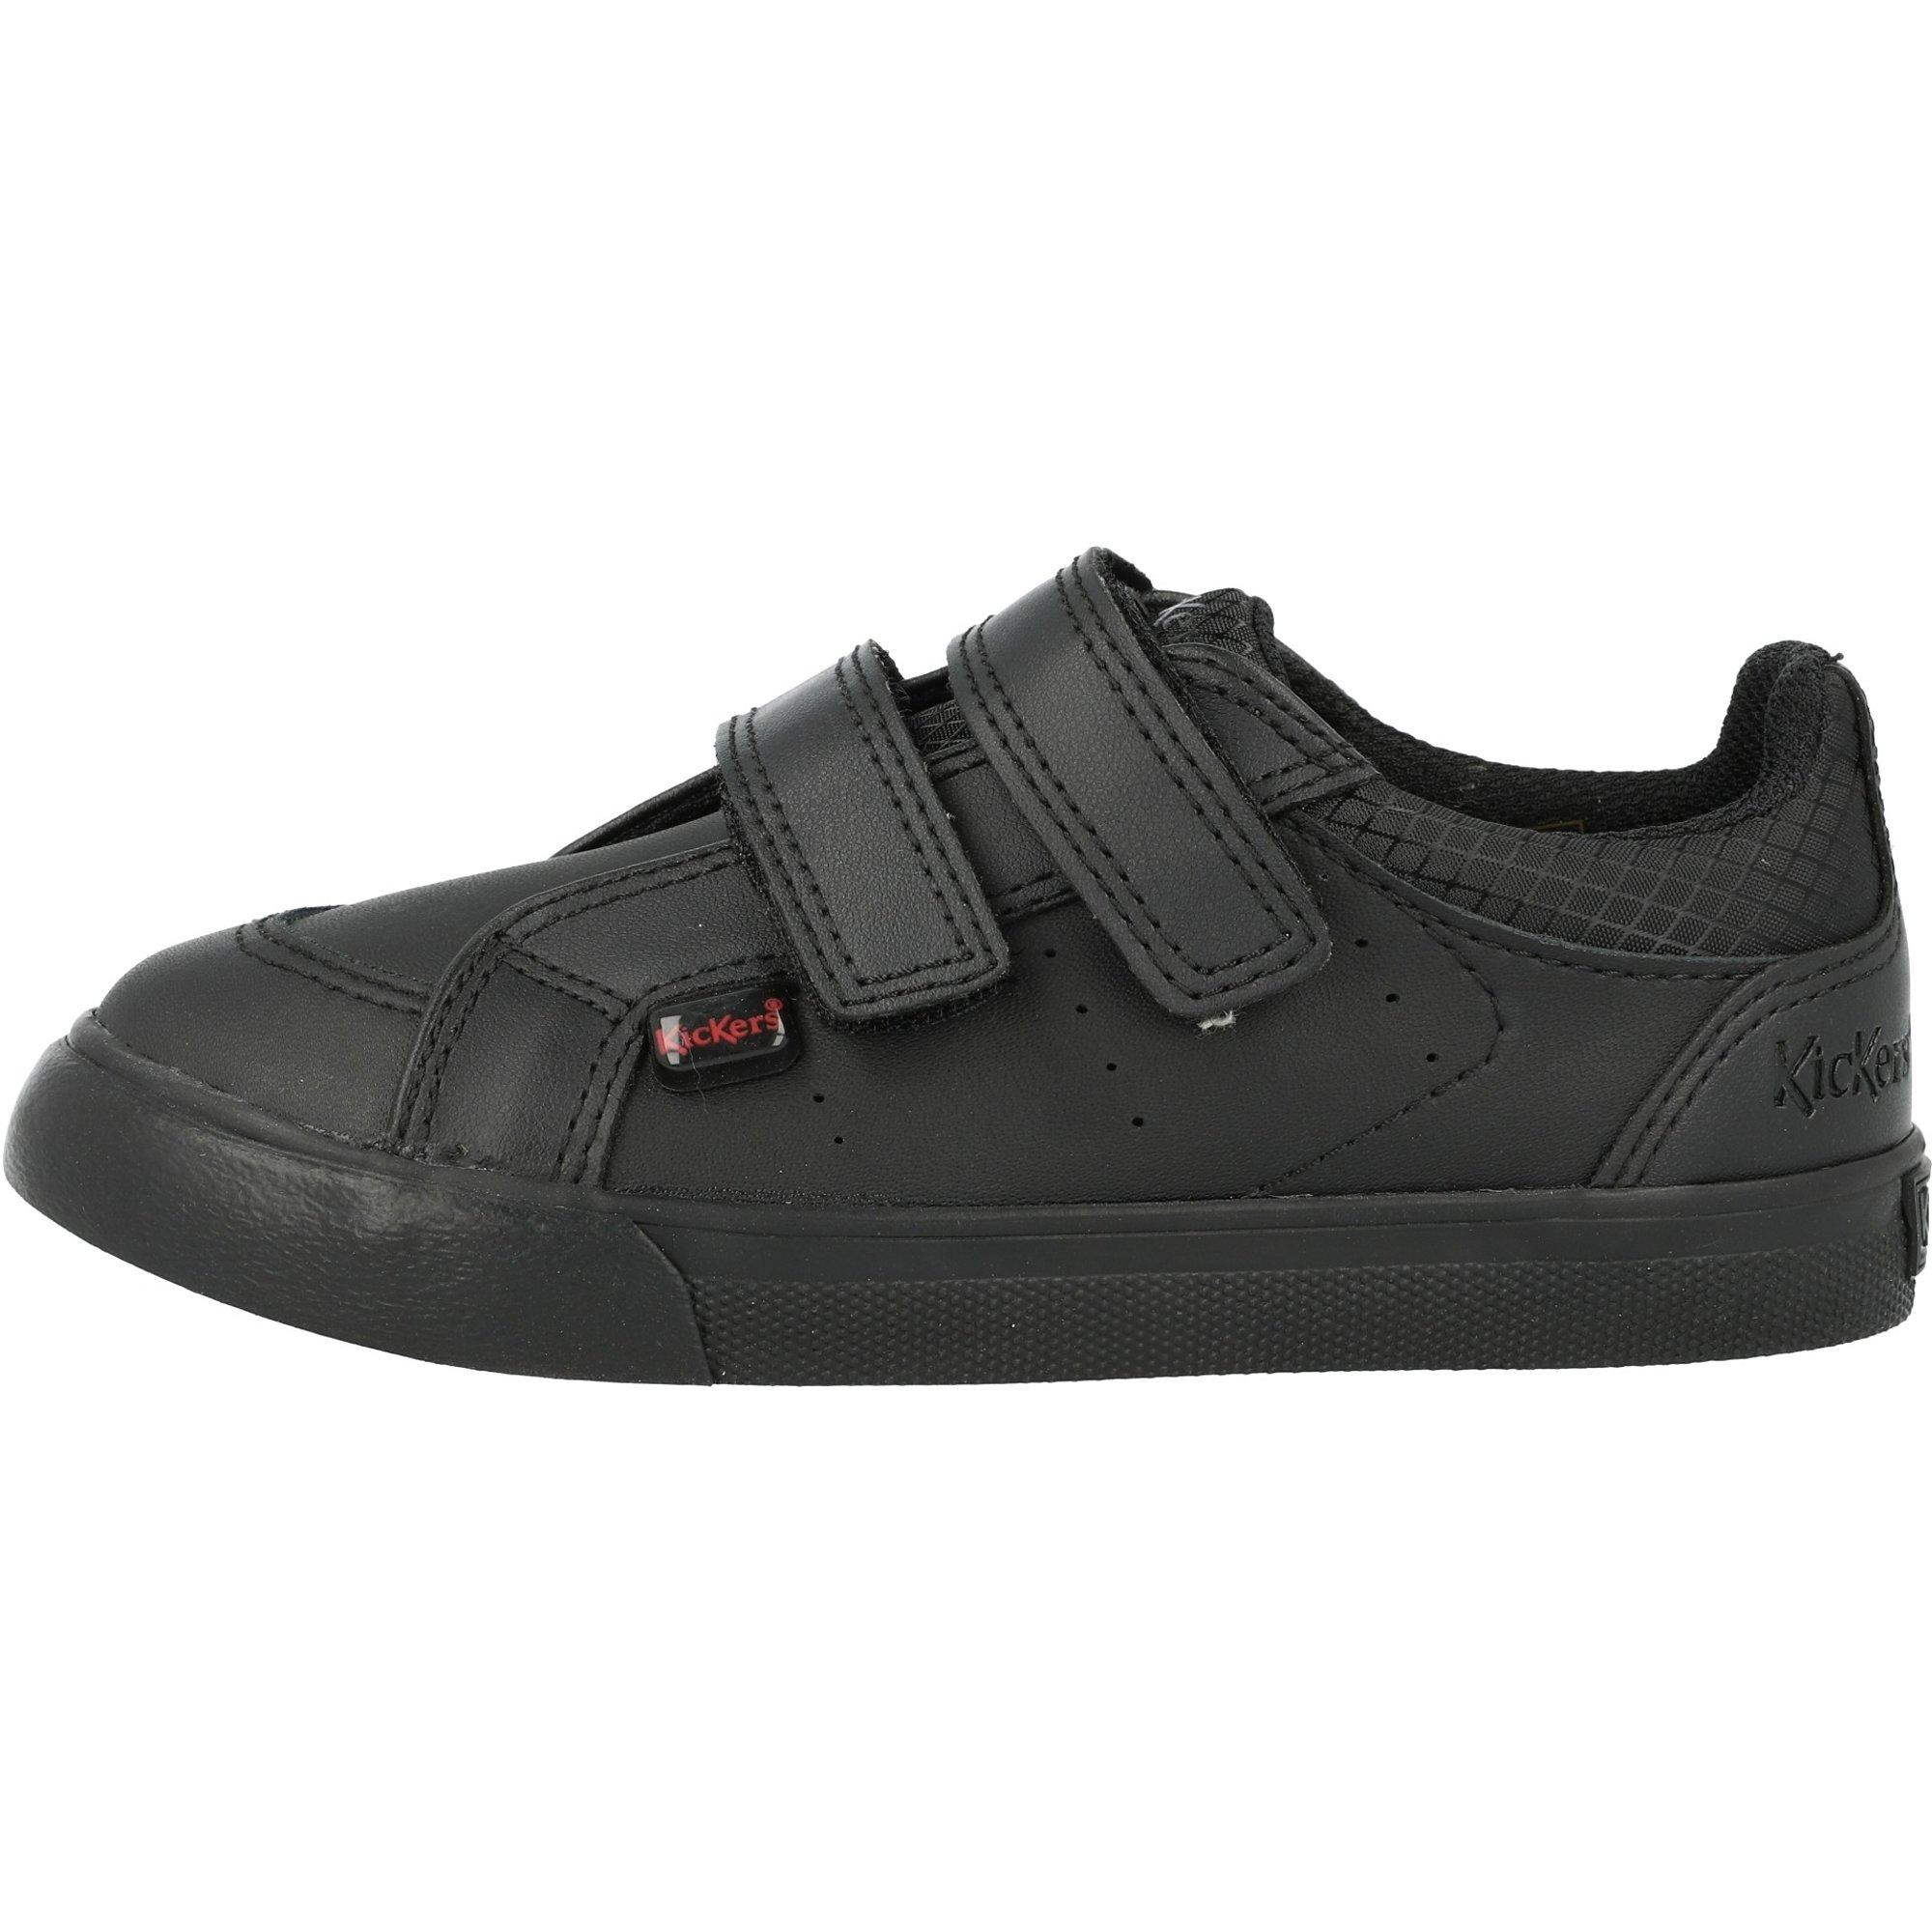 Kickers Tovni Twin Vel I Black Leather